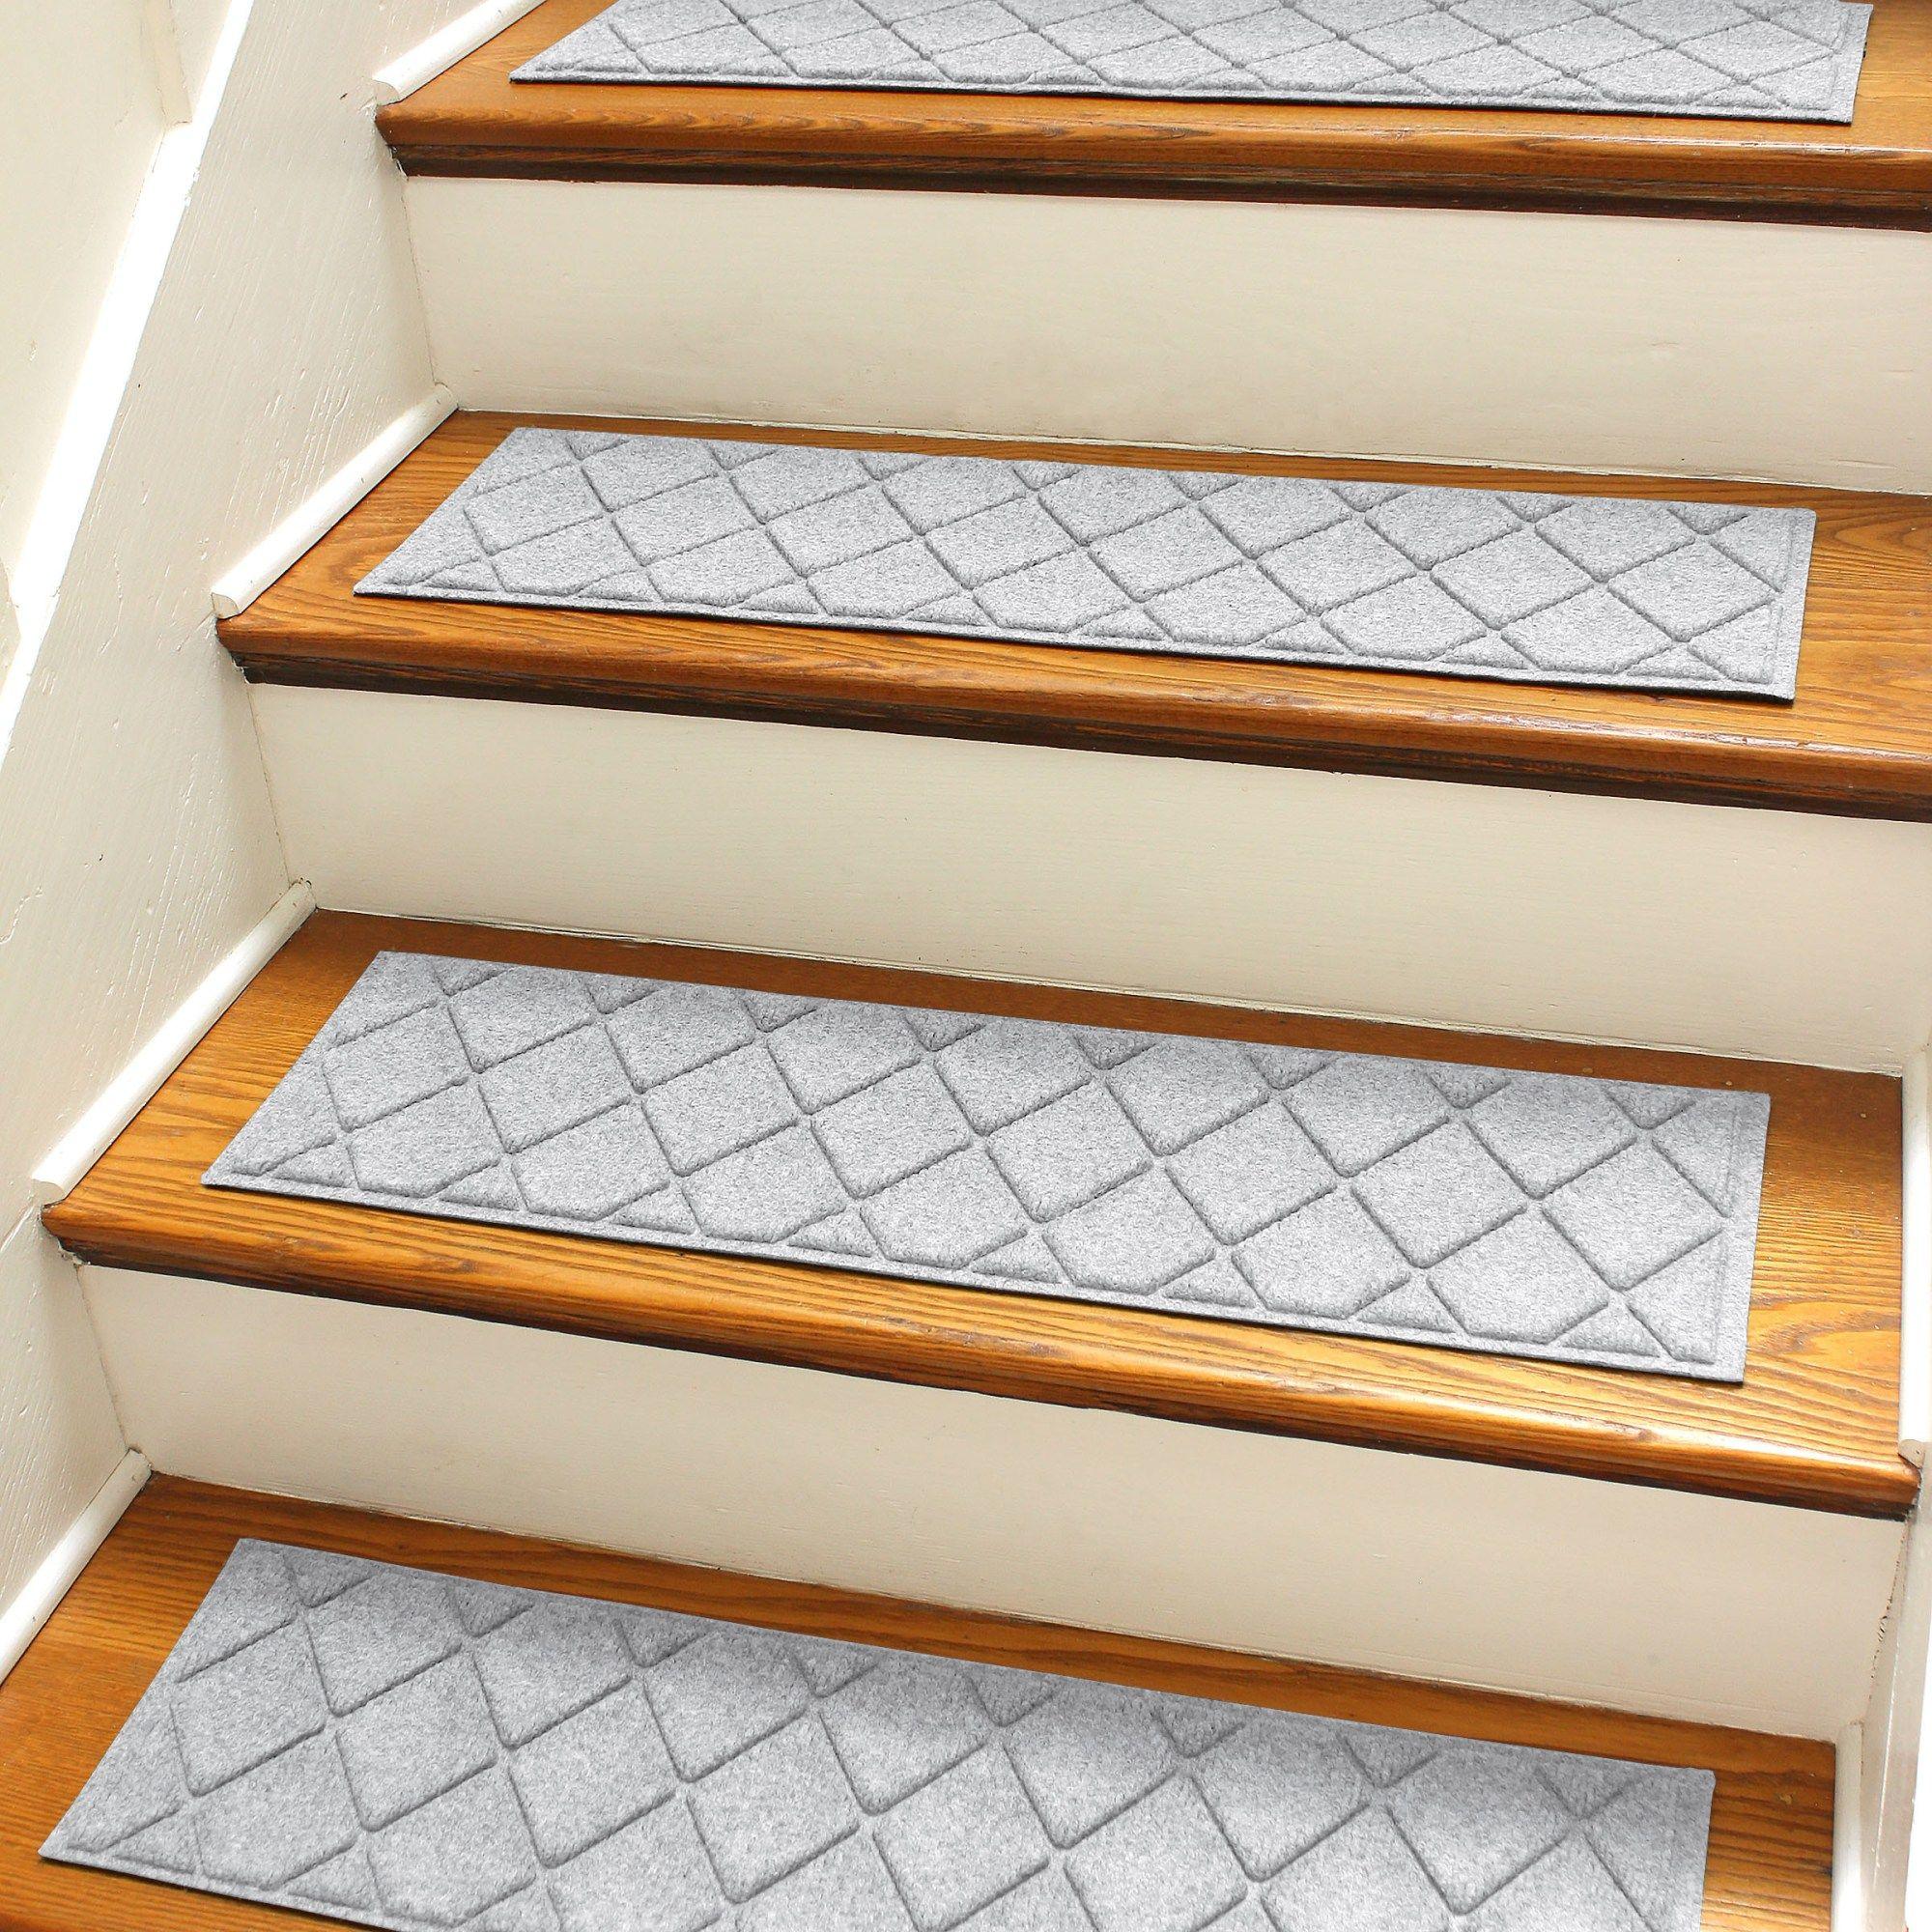 Stair Tread Set Via Wayfair Bungalow Flooring Stair Tread Rugs   Wayfair Carpet Runners For Stairs   Stair Treads   Stair Rods   Area Rug   Wool Rug   Treads Carpet